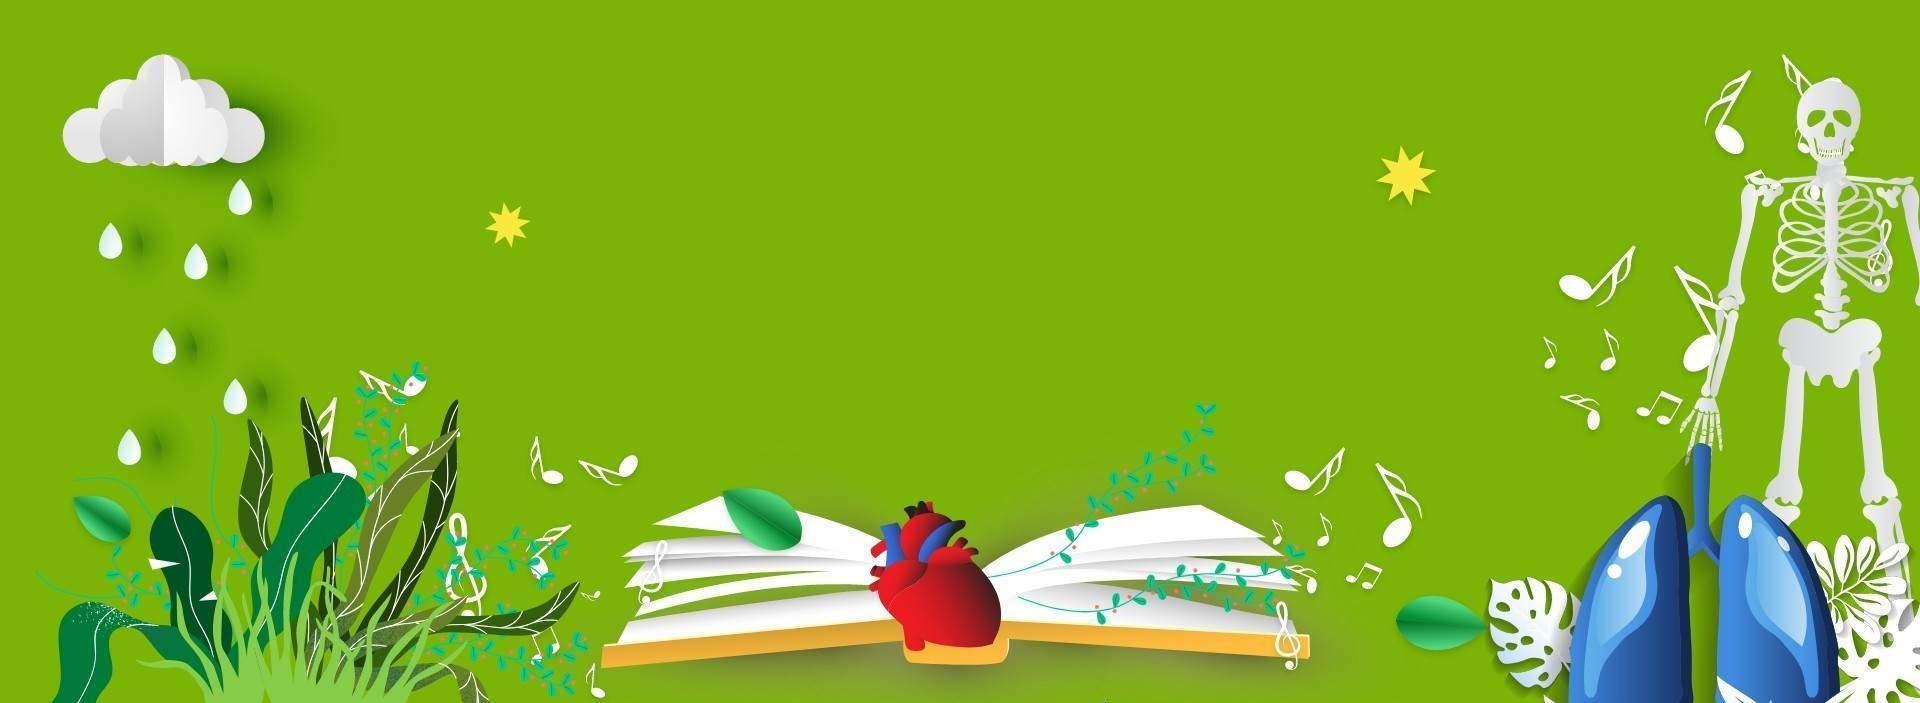 Audiolibri per bambini di scienze | Libro+cd di scienze per bambini